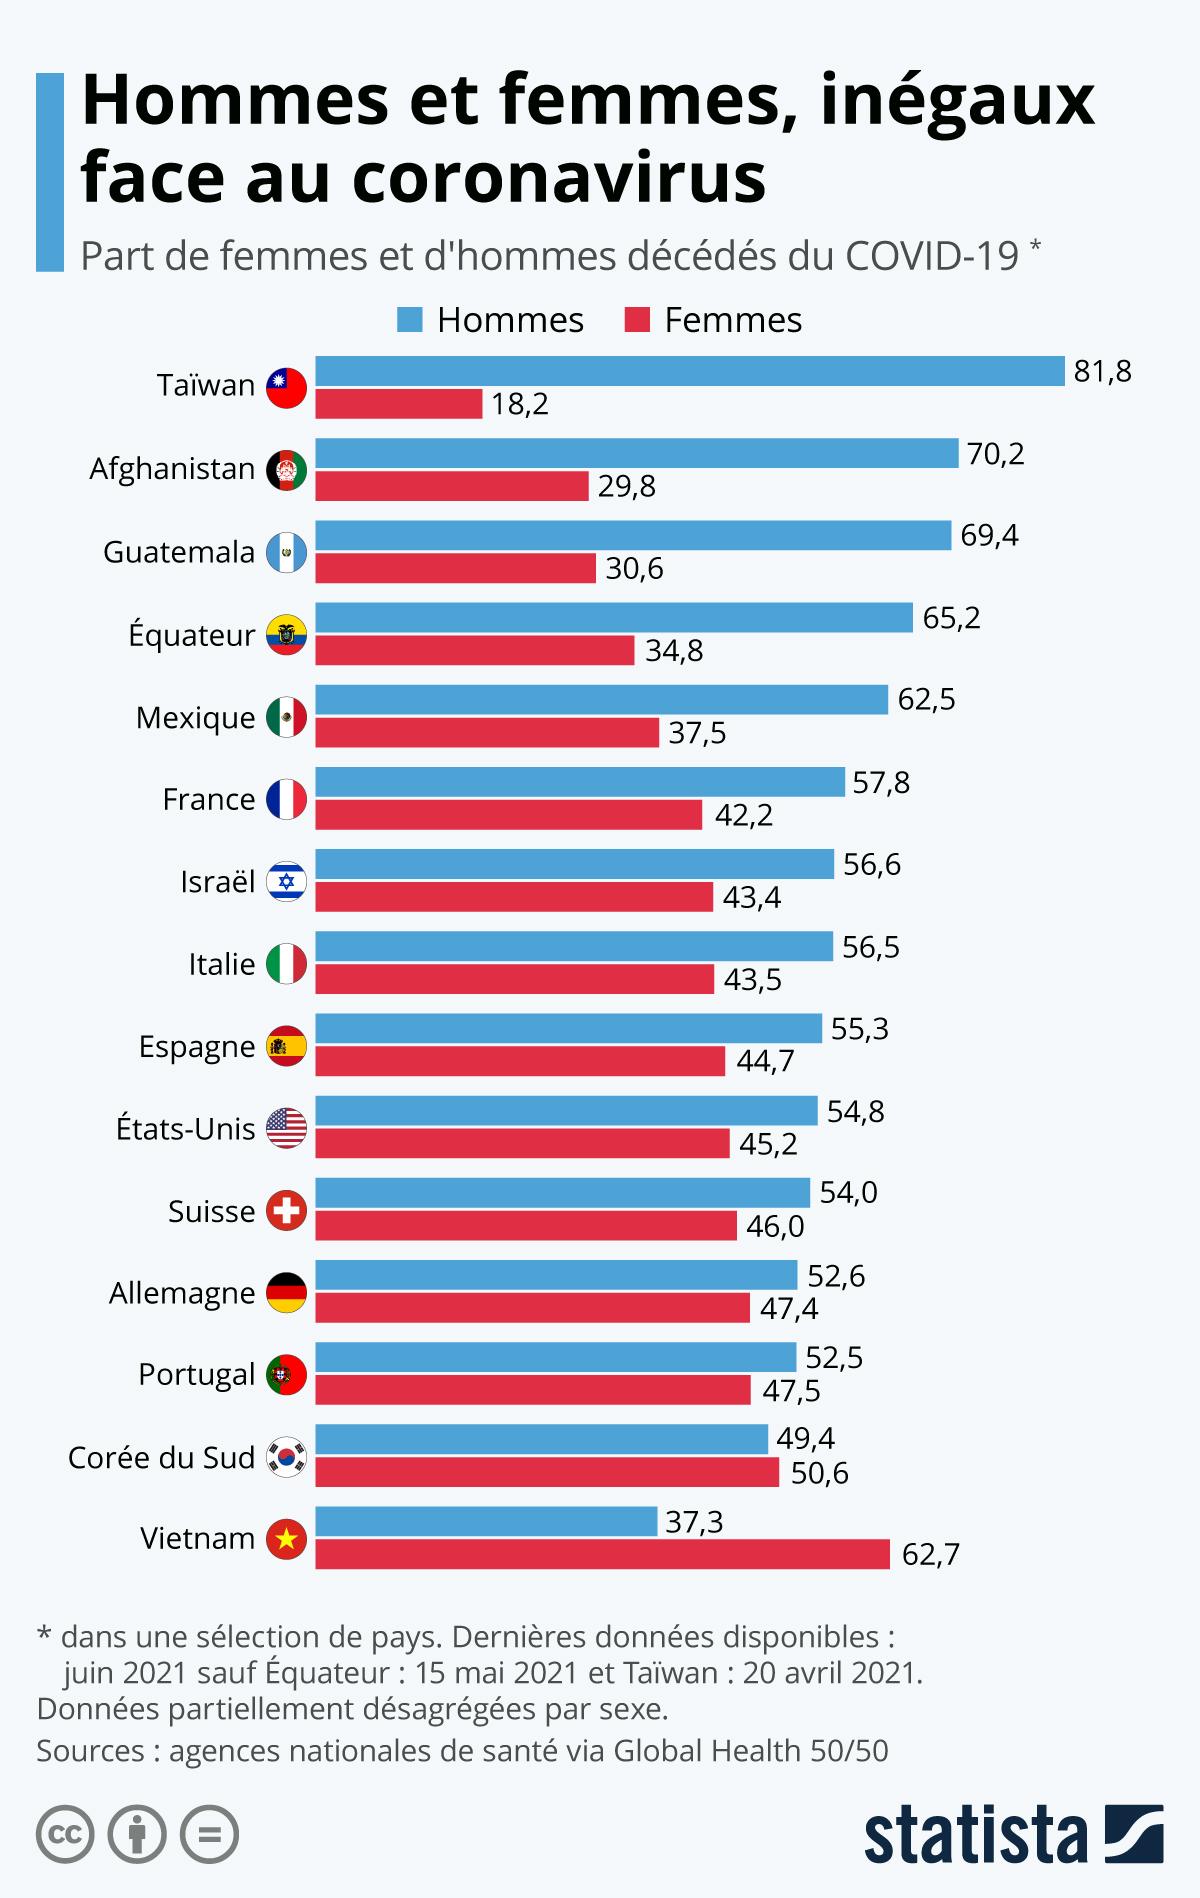 Infographie: Hommes et femmes, inégaux face au coronavirus | Statista